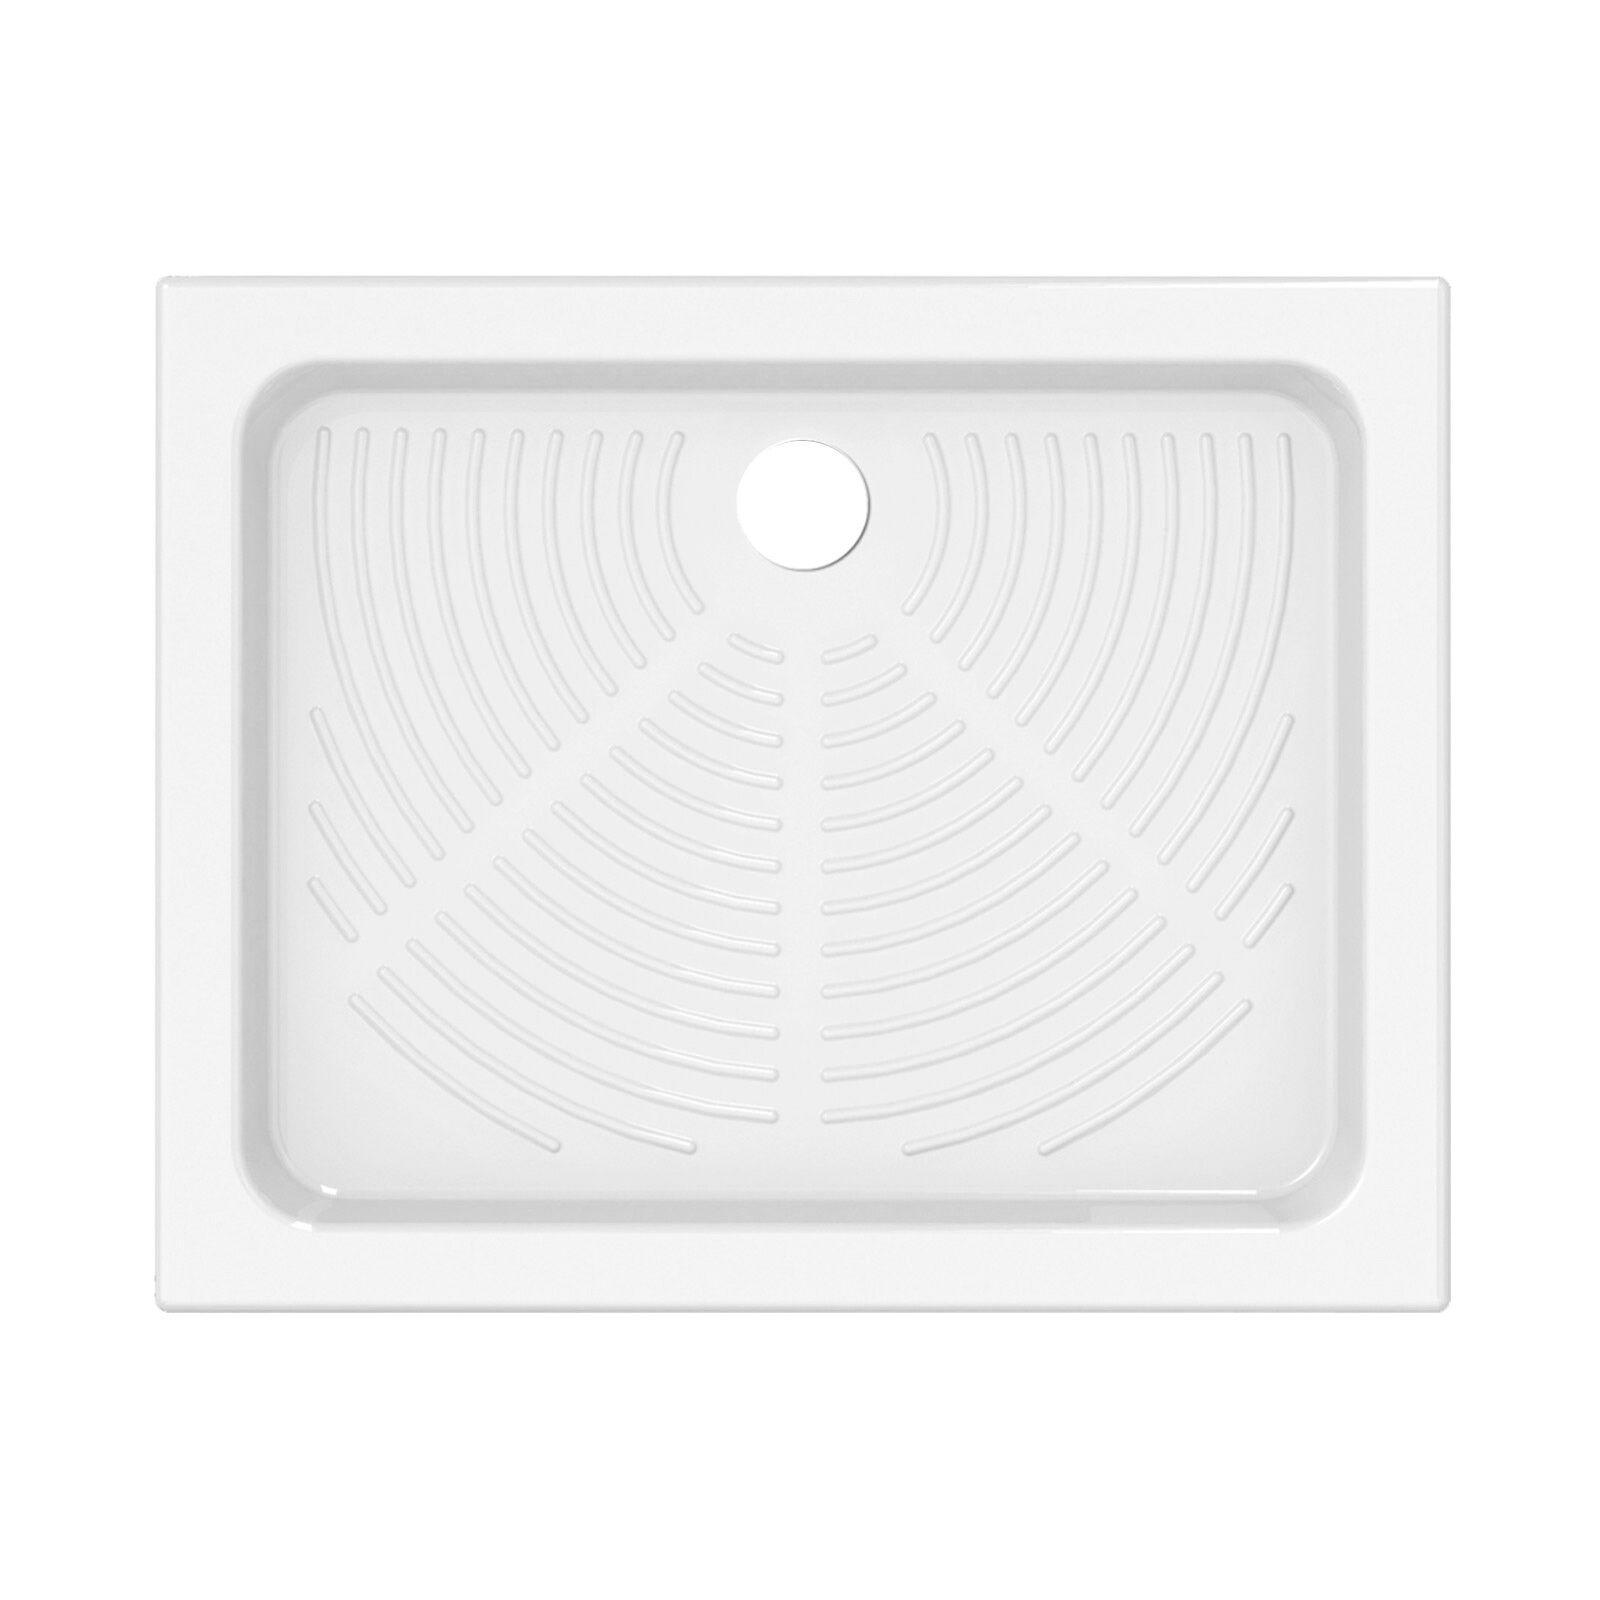 Nuovo piatto doccia 90x72 cm Azzurra ceramica per box doccia 90x72 o 72x90 PROMO